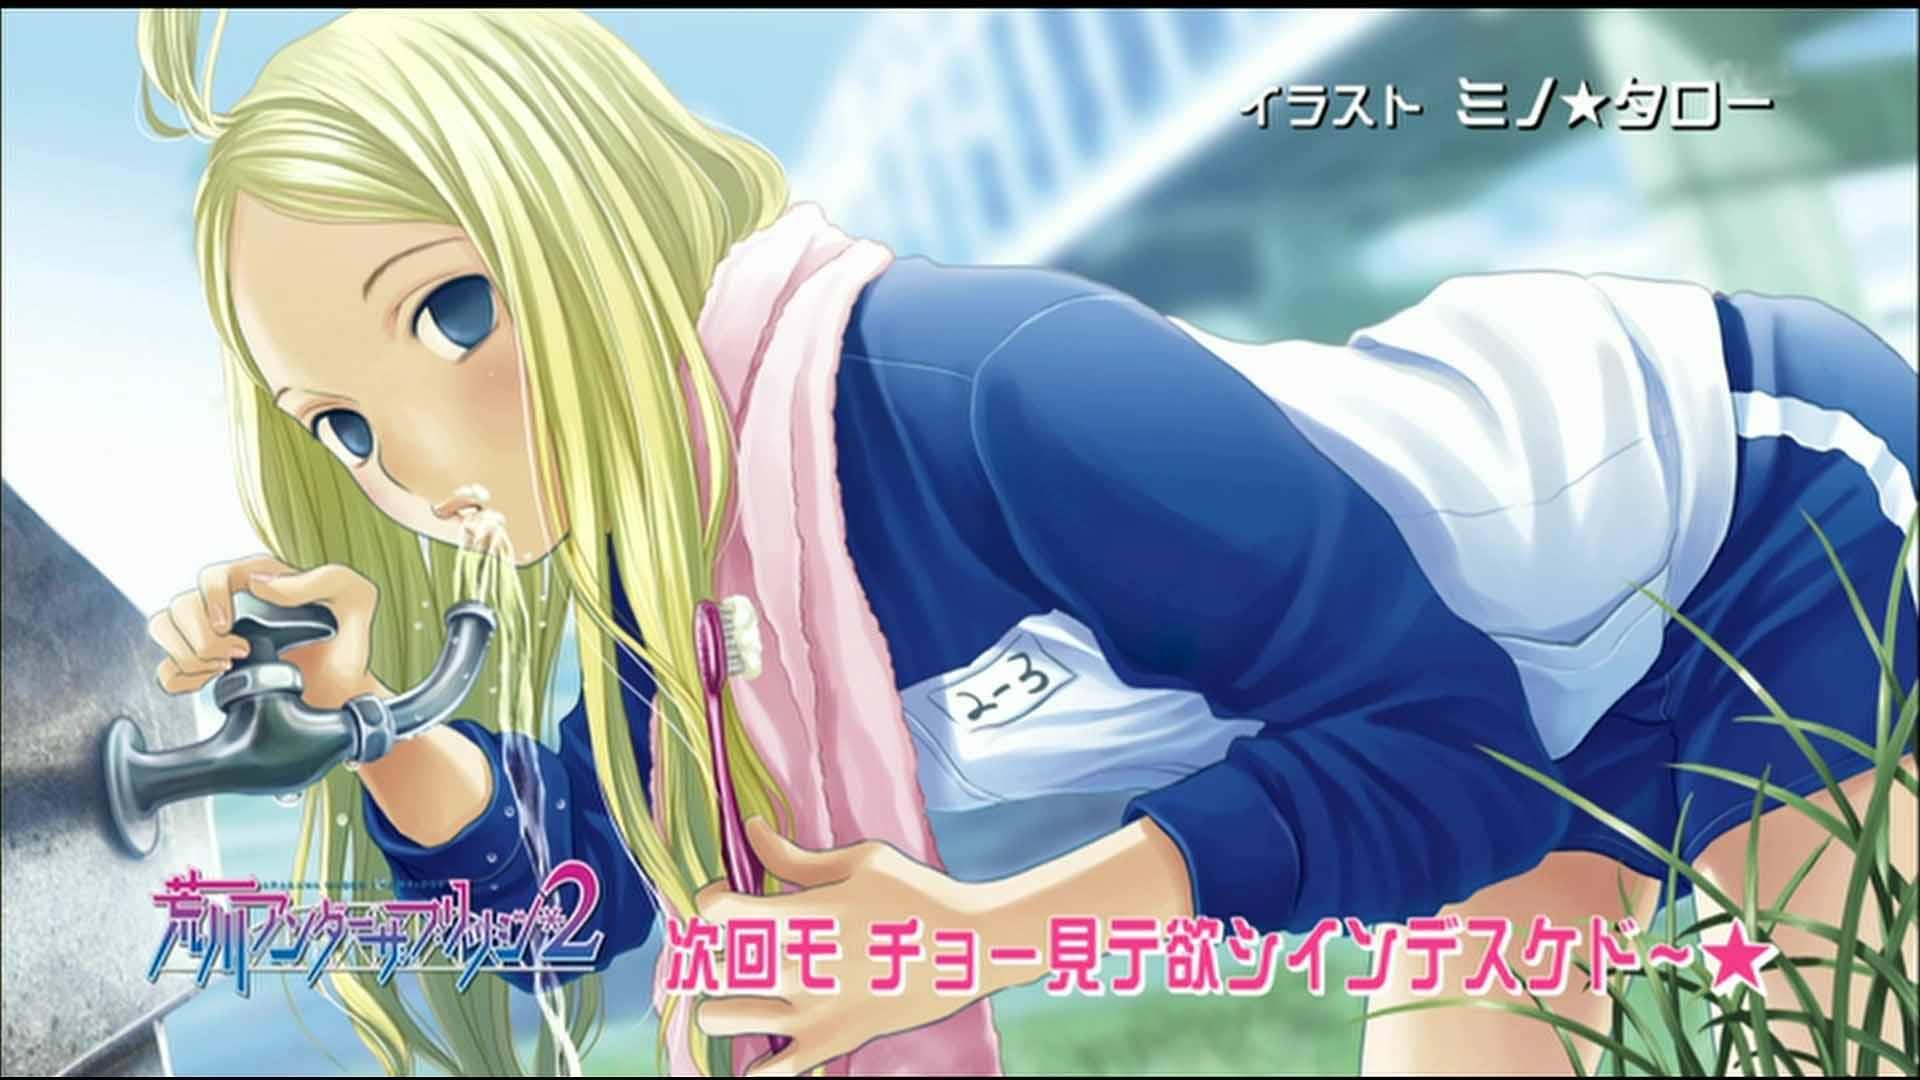 荒川アンダー ザ ブリッジ 2 アニメ好きのブログ